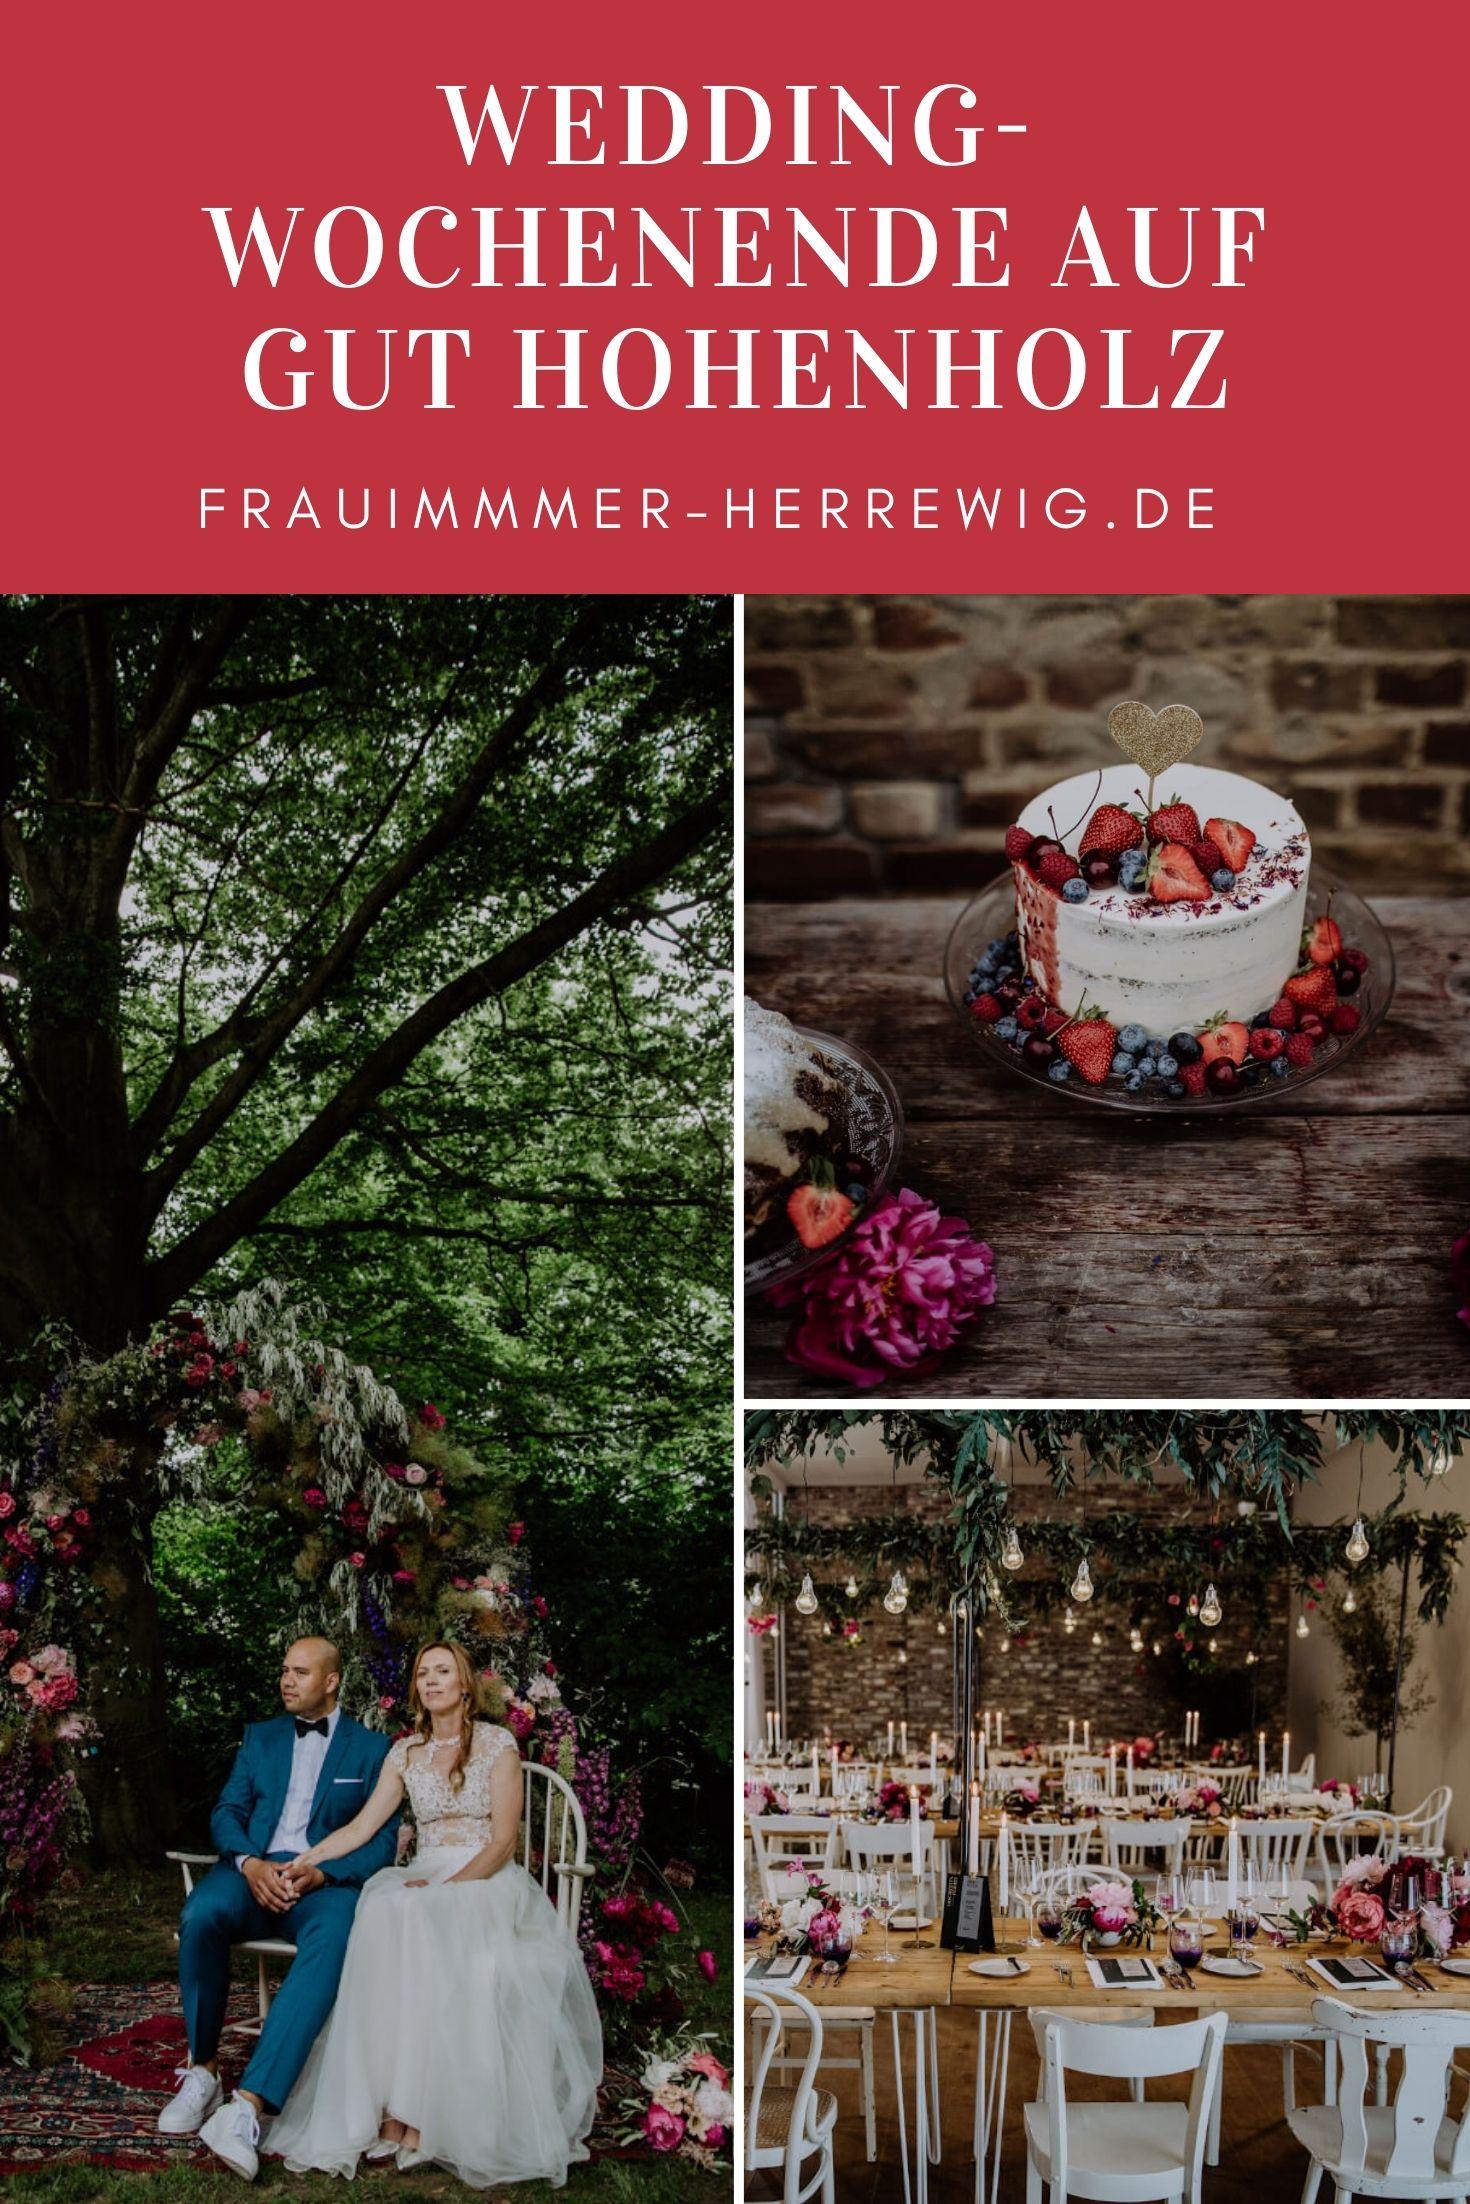 Hochzeit gut hohenholz – gesehen bei frauimmer-herrewig.de